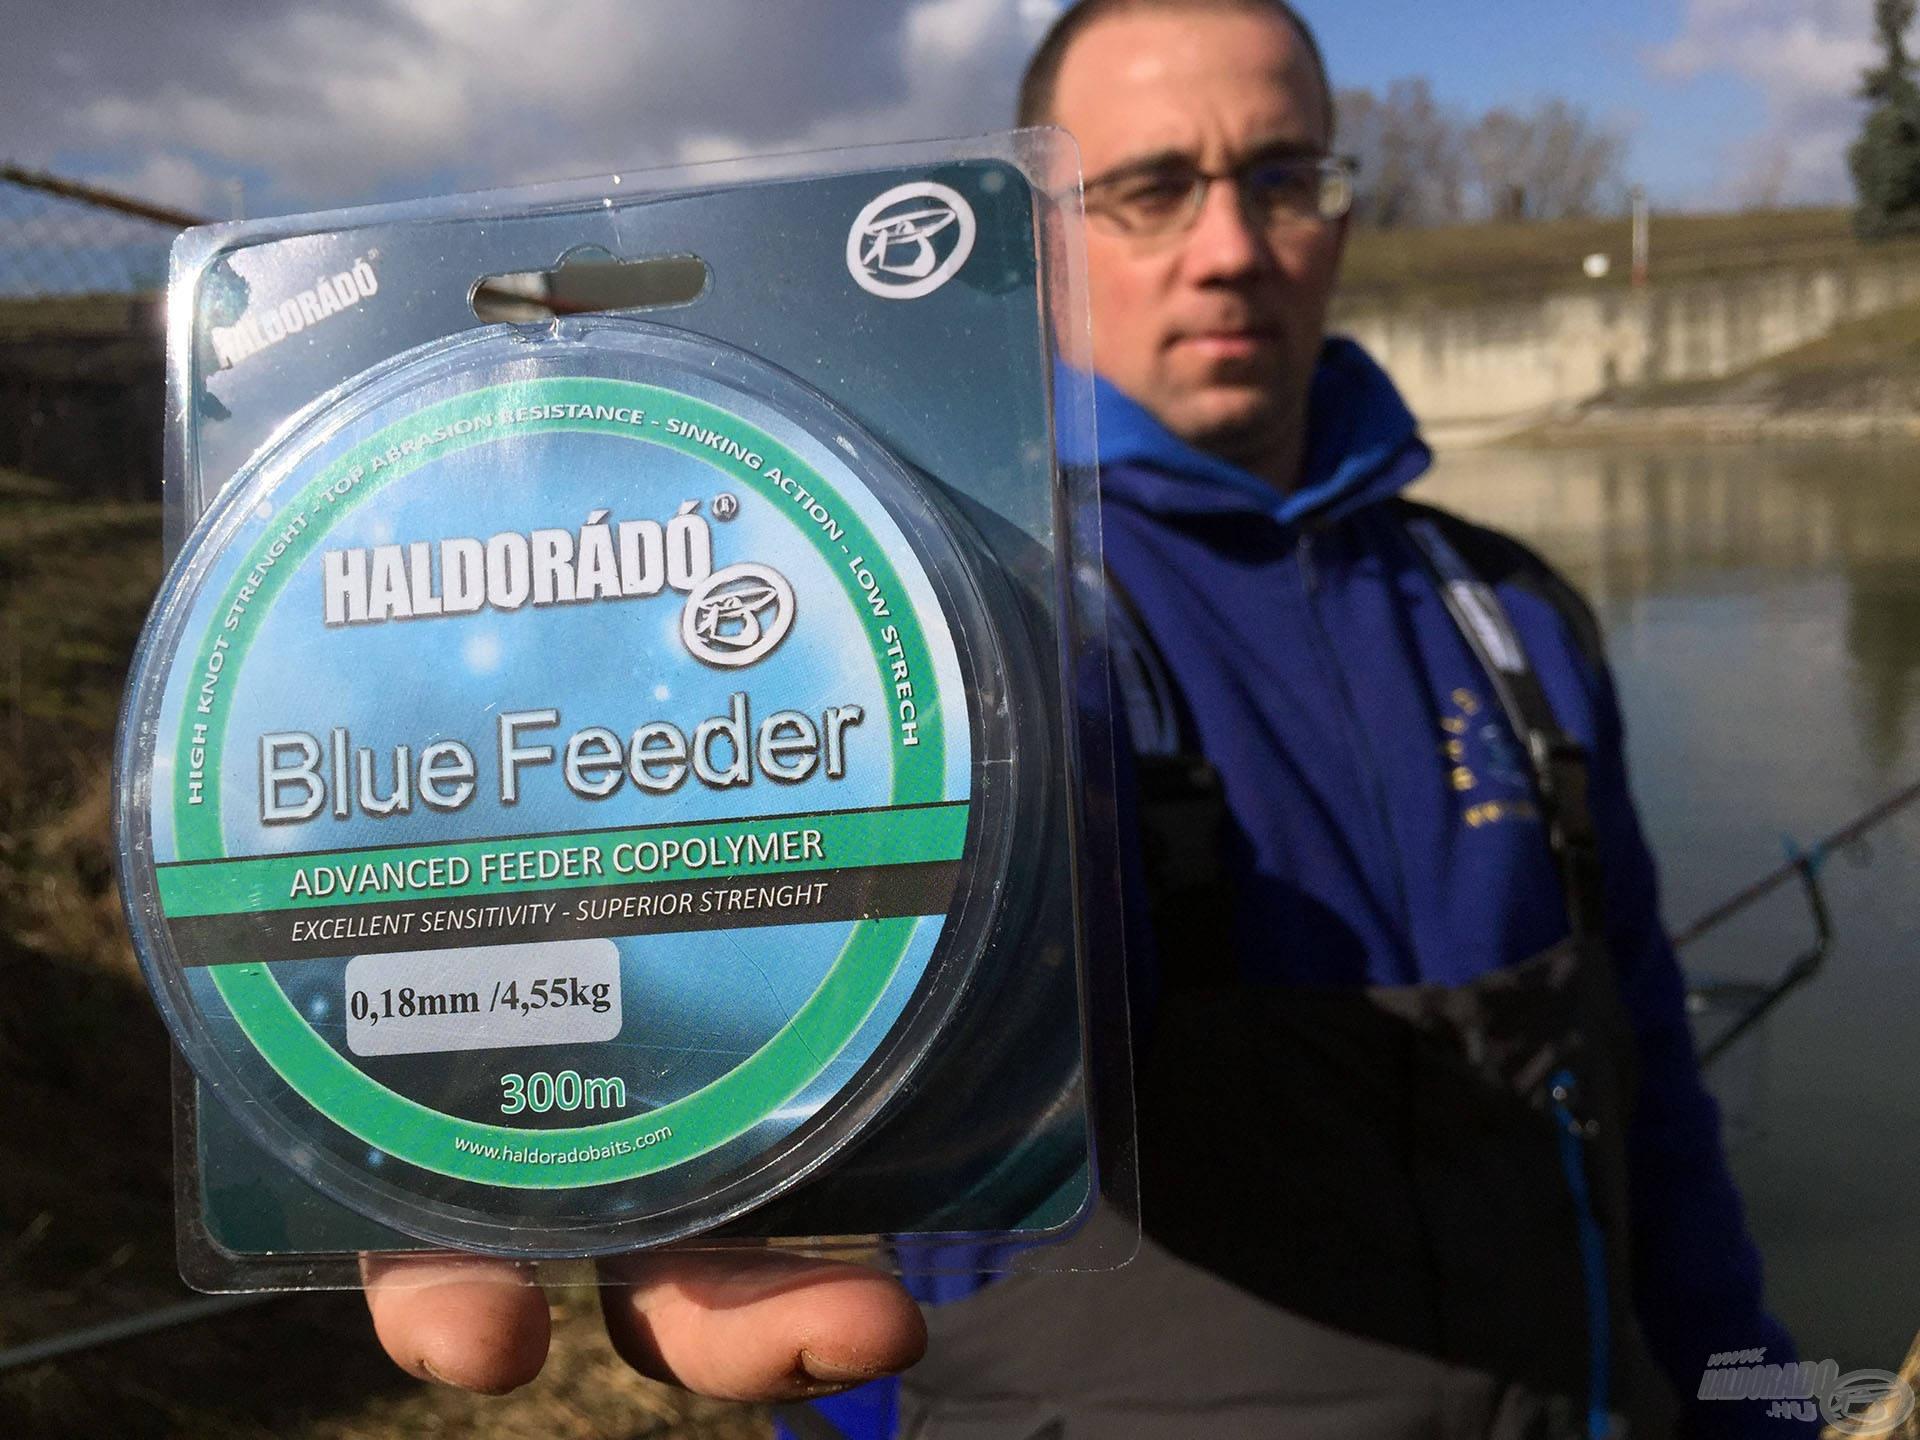 Az orsó dobjára a Haldorádó Blue Feeder főzsinór került